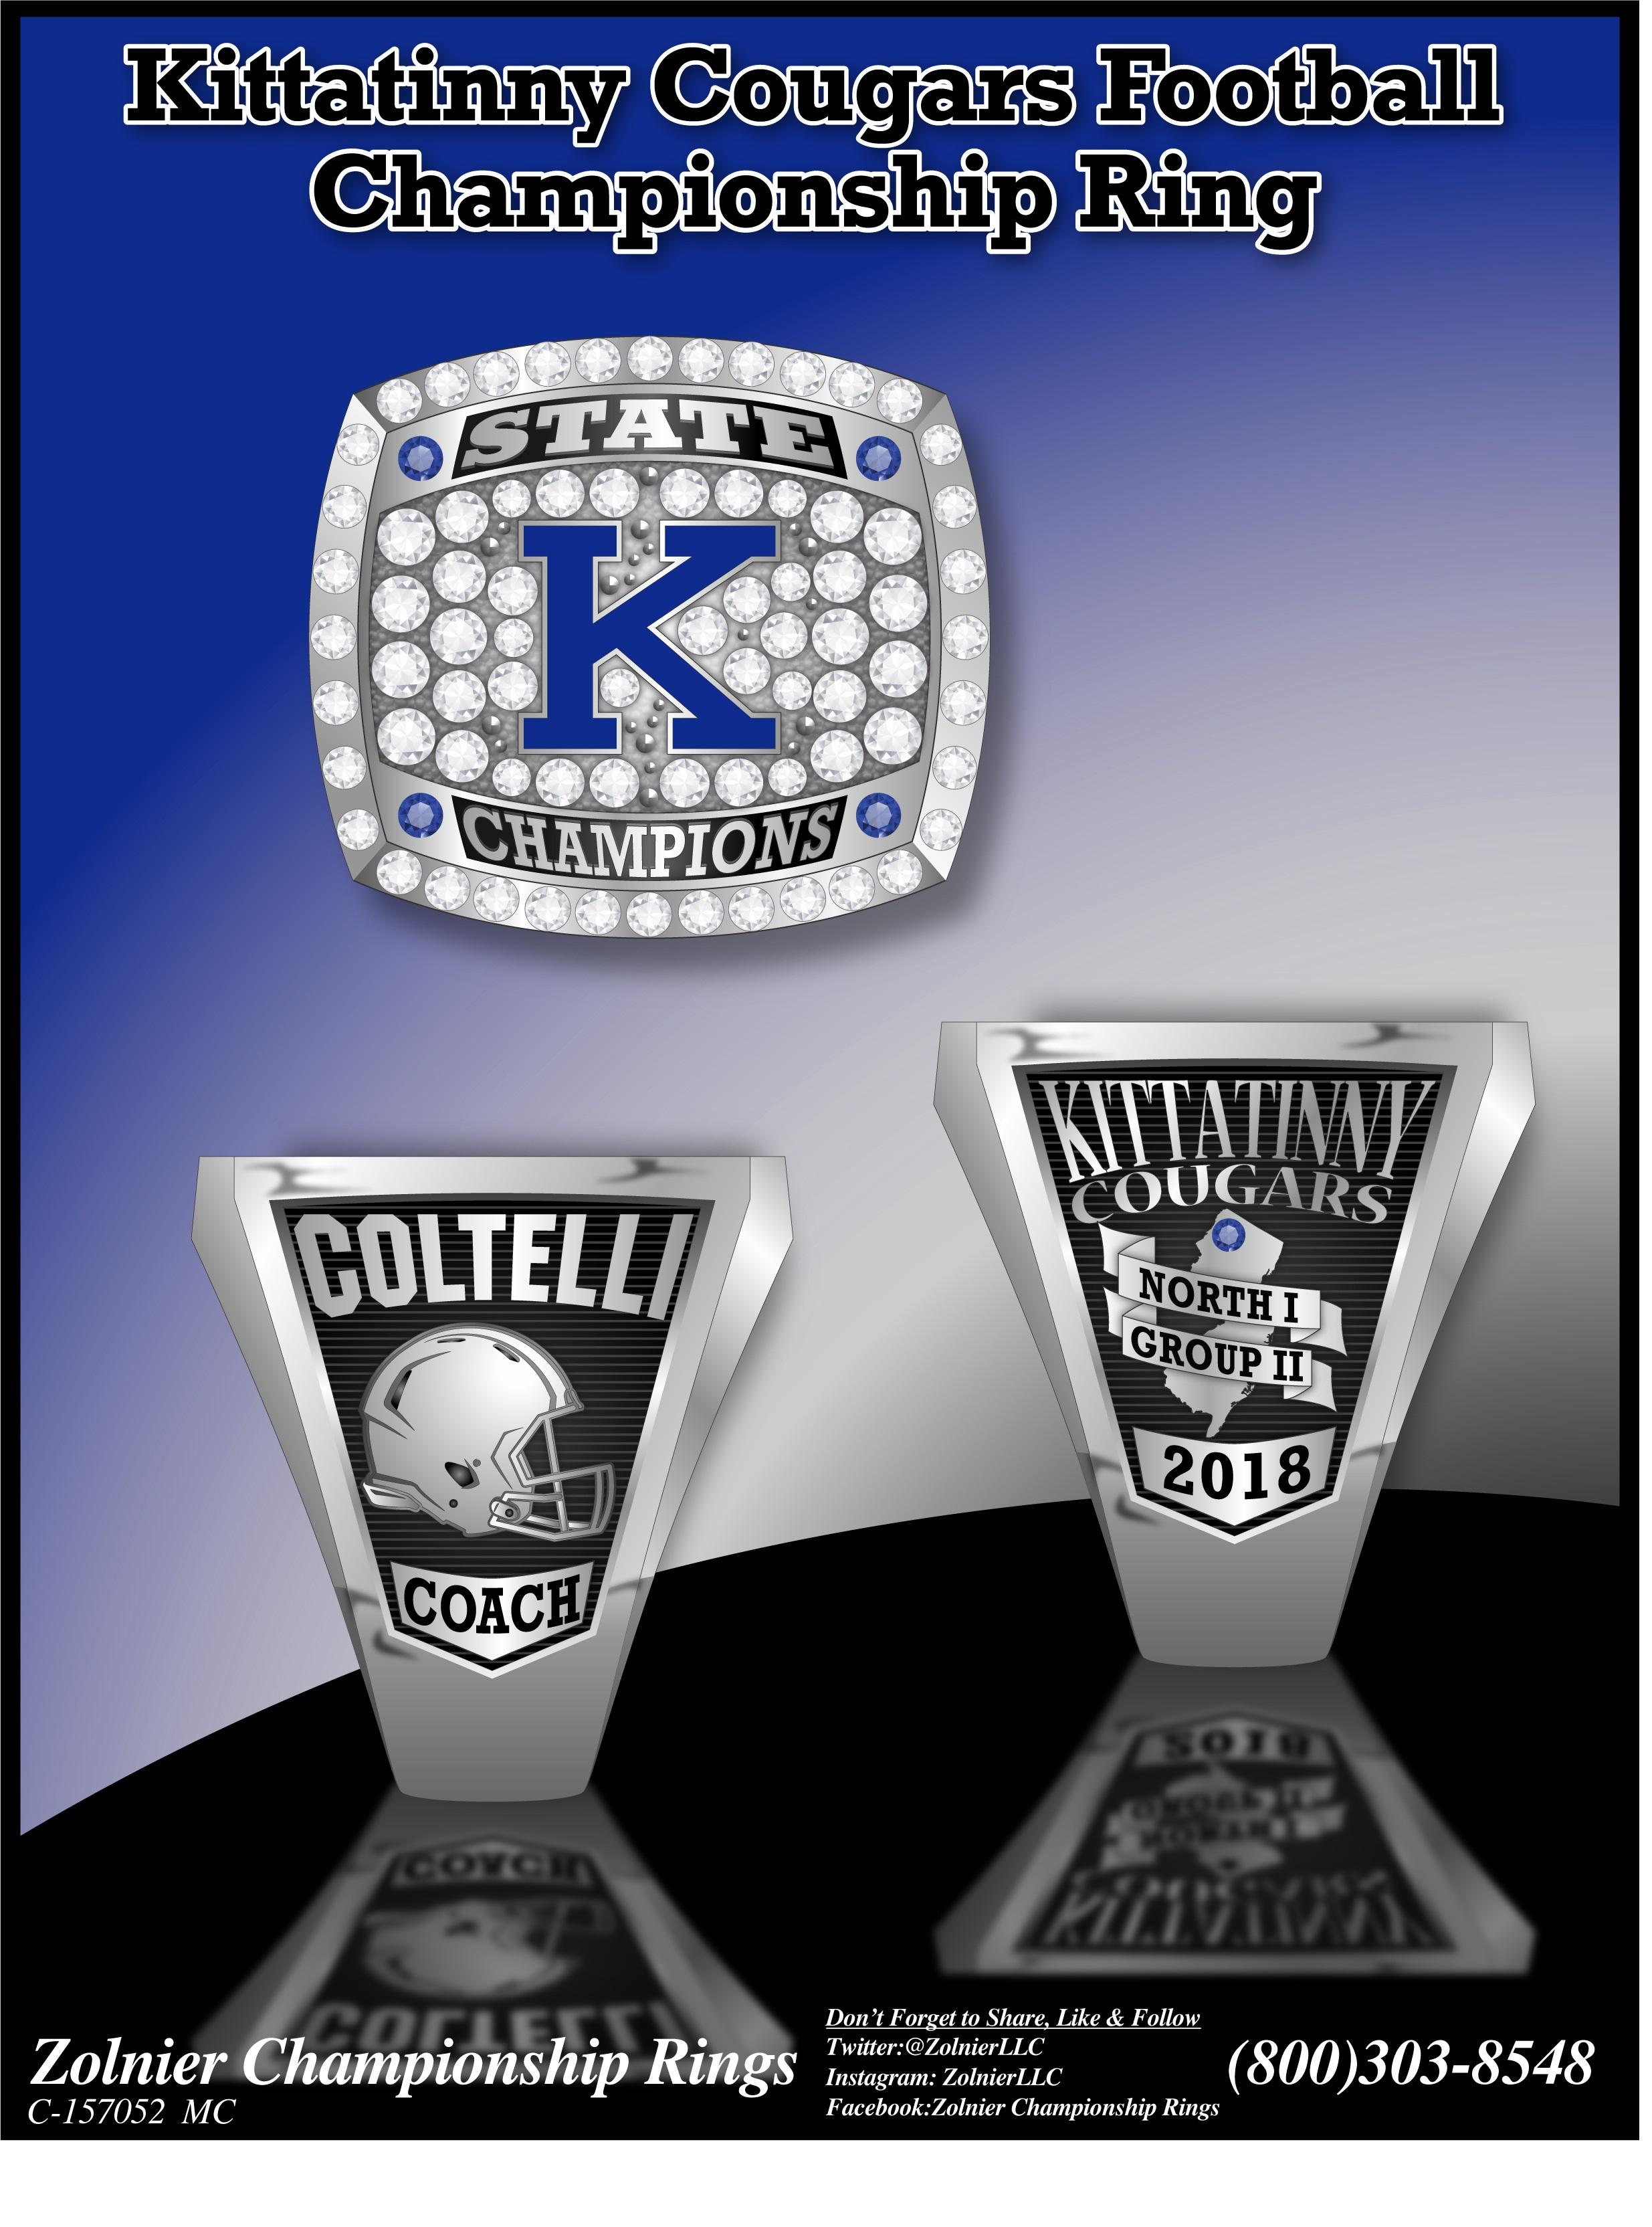 C-157052 Kittatinny Cougars Football Ring